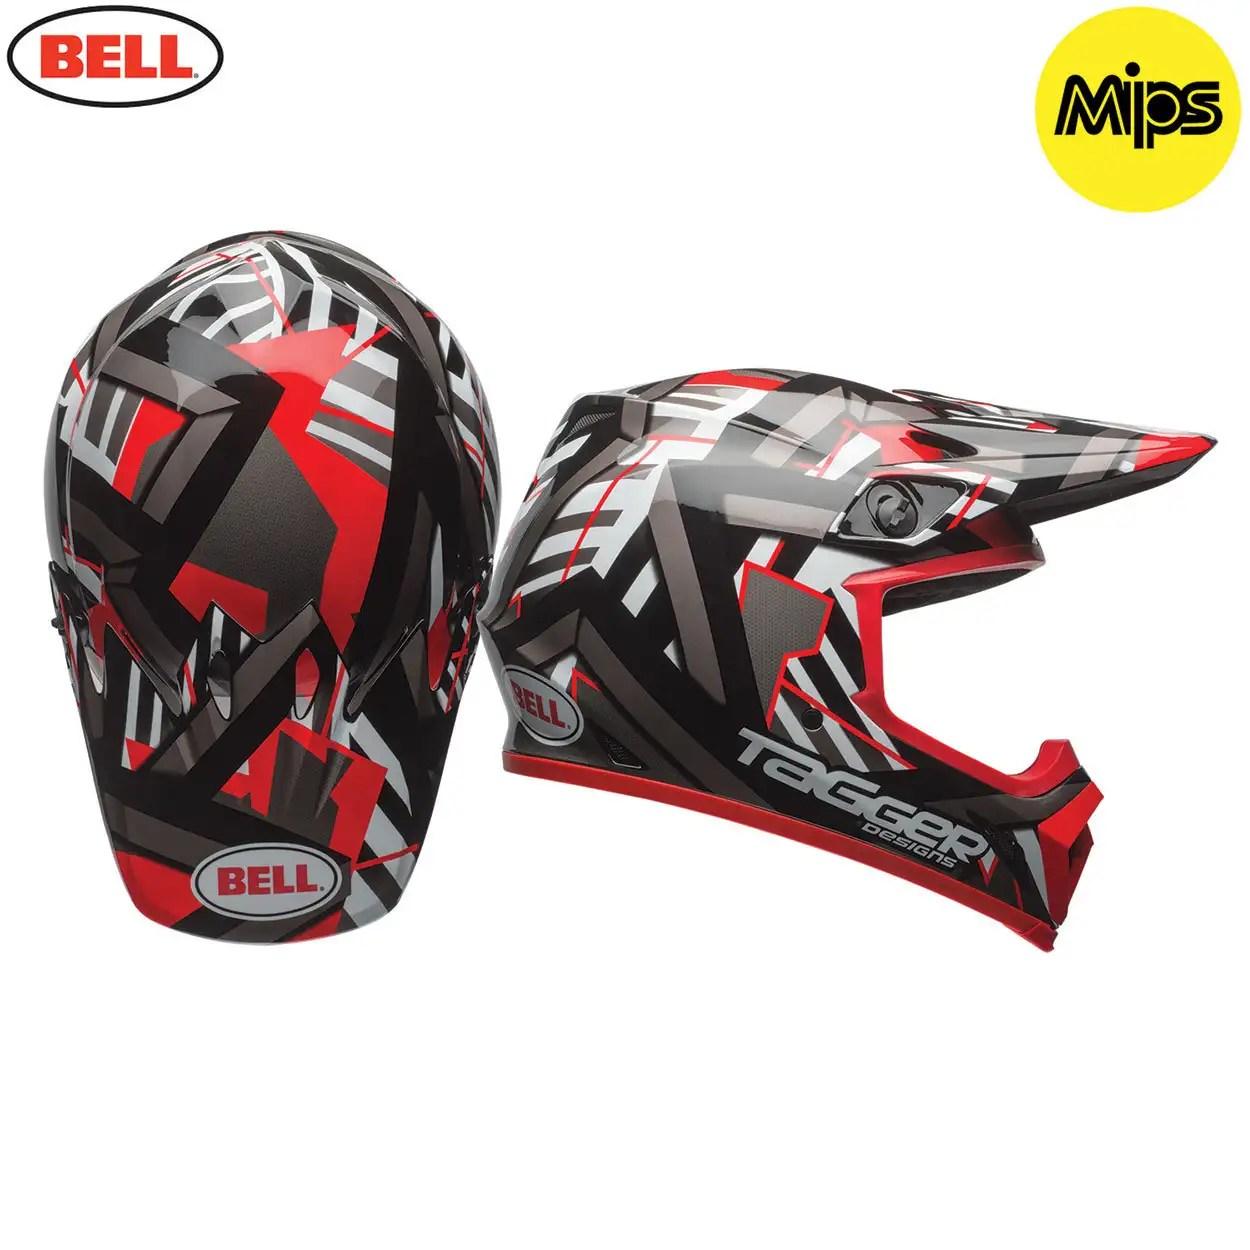 Bell Mx 9 Mx9 Motocross Mx Bmx Enduro Full Face Helmet